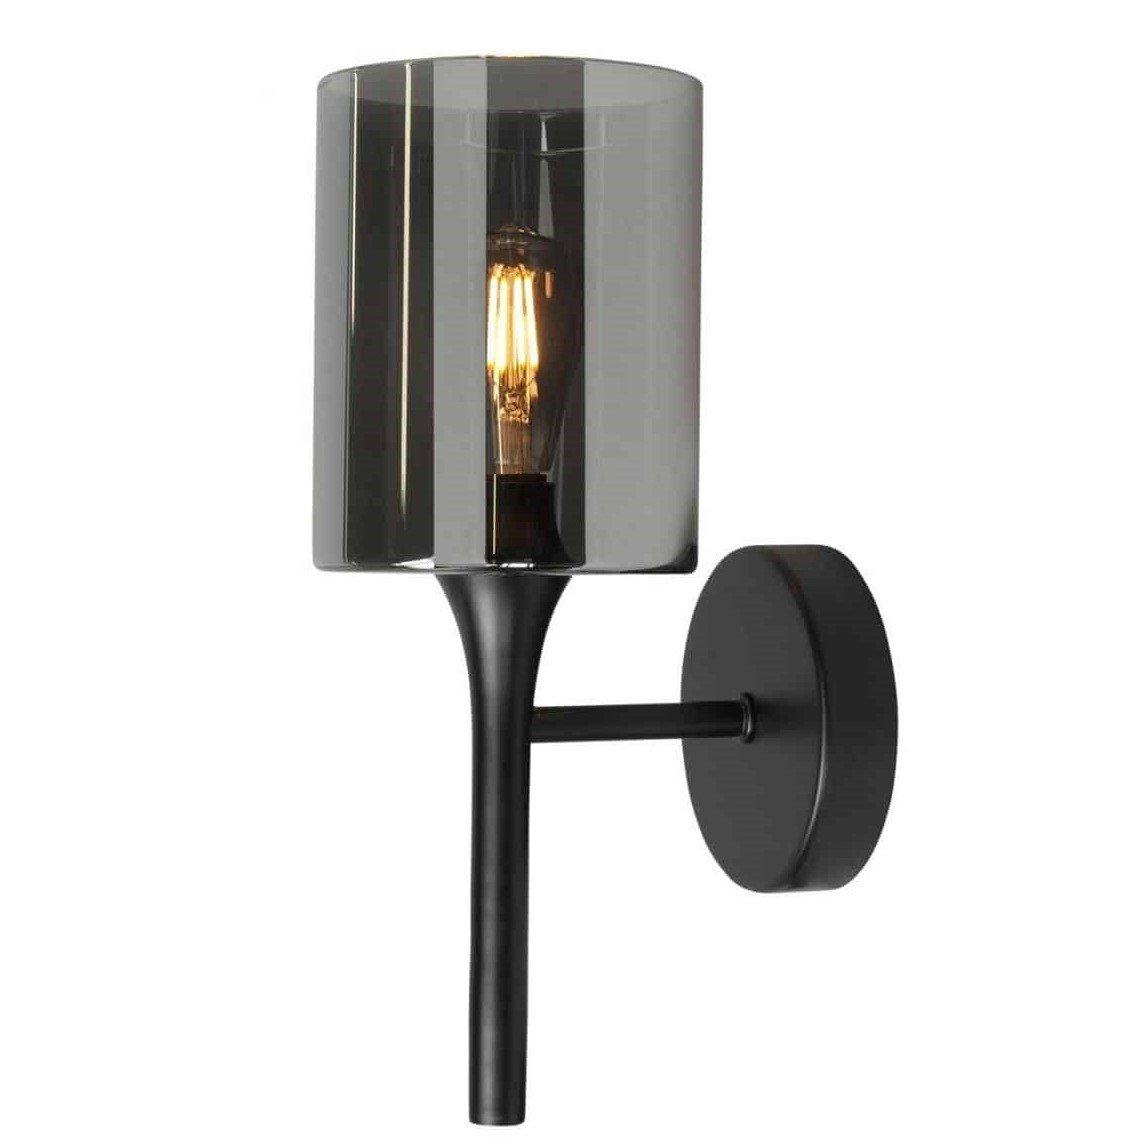 Wandlamp Highlight Diverso Zwart Rookglas W3513.01